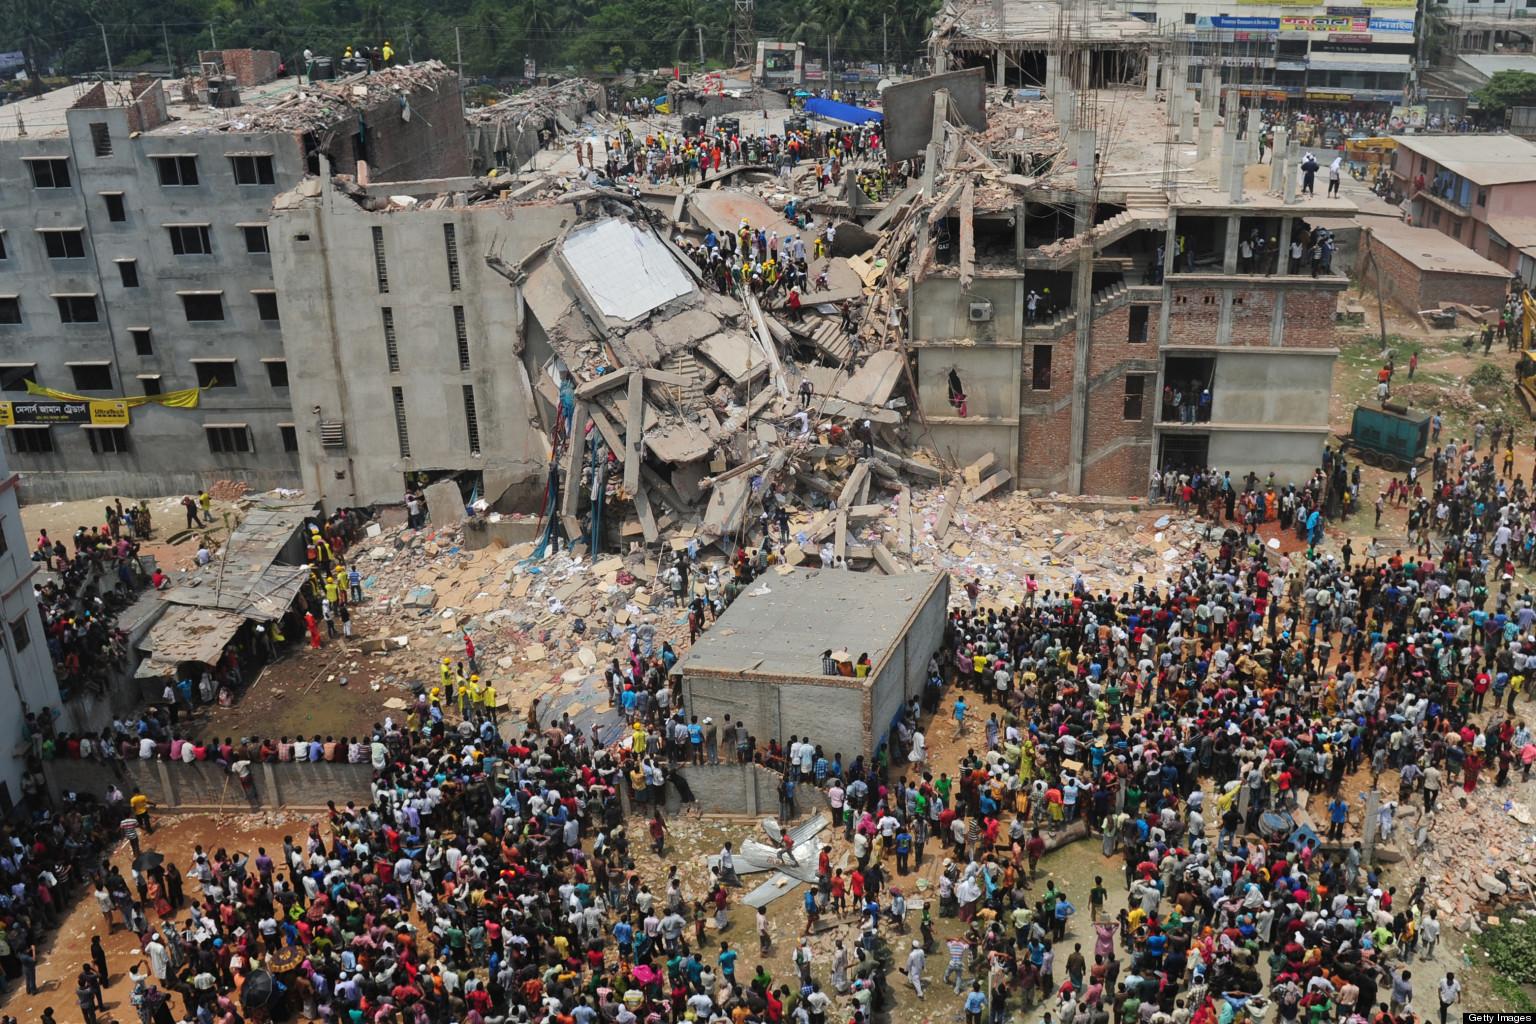 Thảm hoạ công nghiệp tại Bangladesh. Nguofn: (MUNIR UZ ZAMAN/AFP/Getty Images)